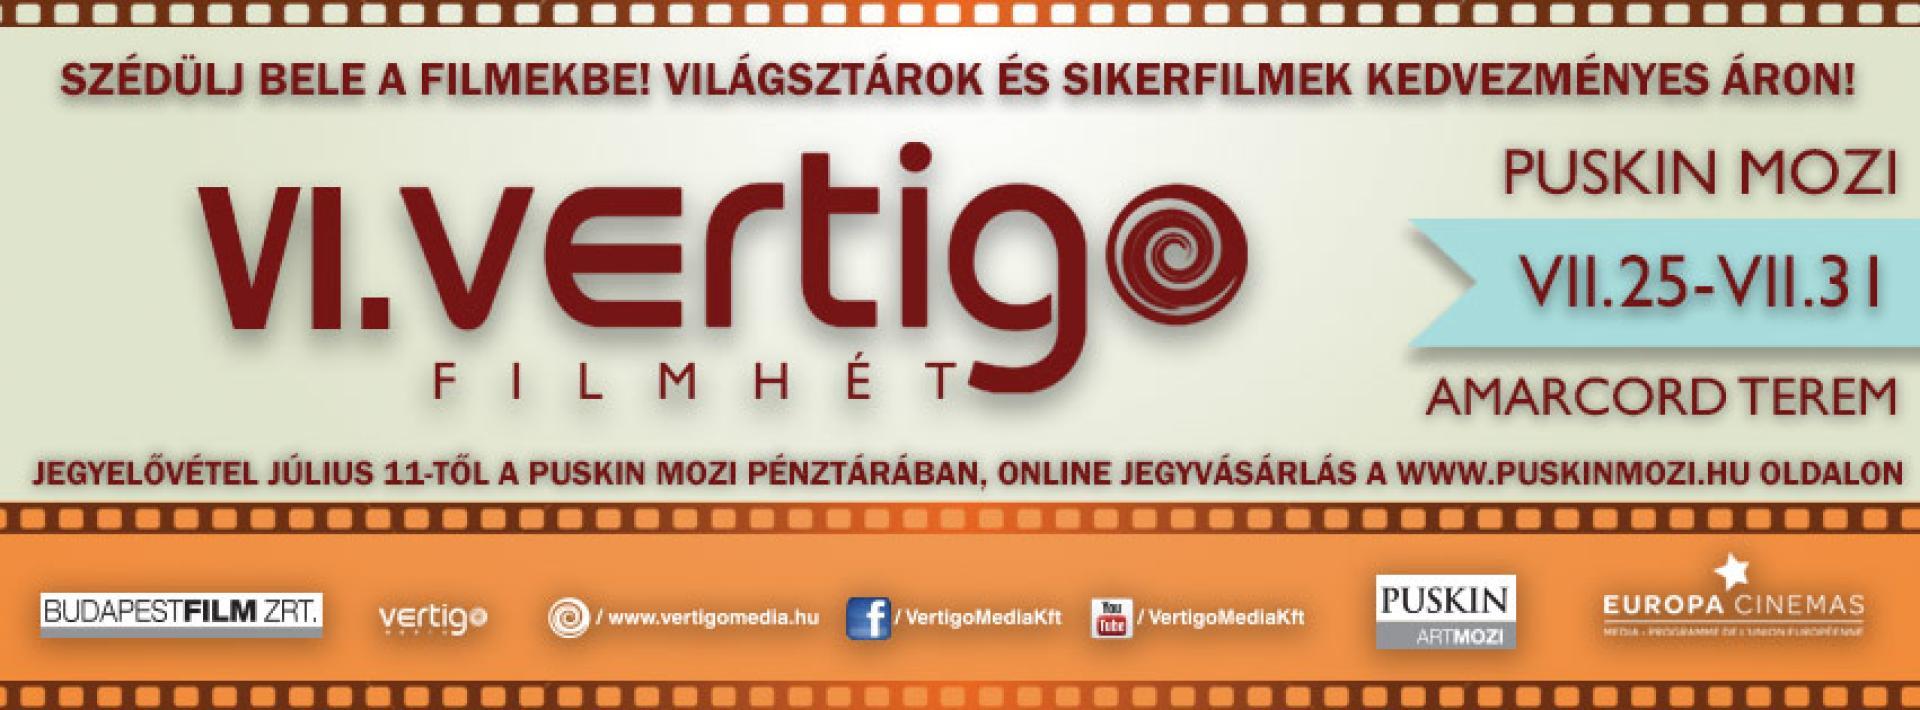 Szédülj bele a filmekbe: VI. Vertigo Filmhét ismét a közelmúlt sikerfilmjeivel